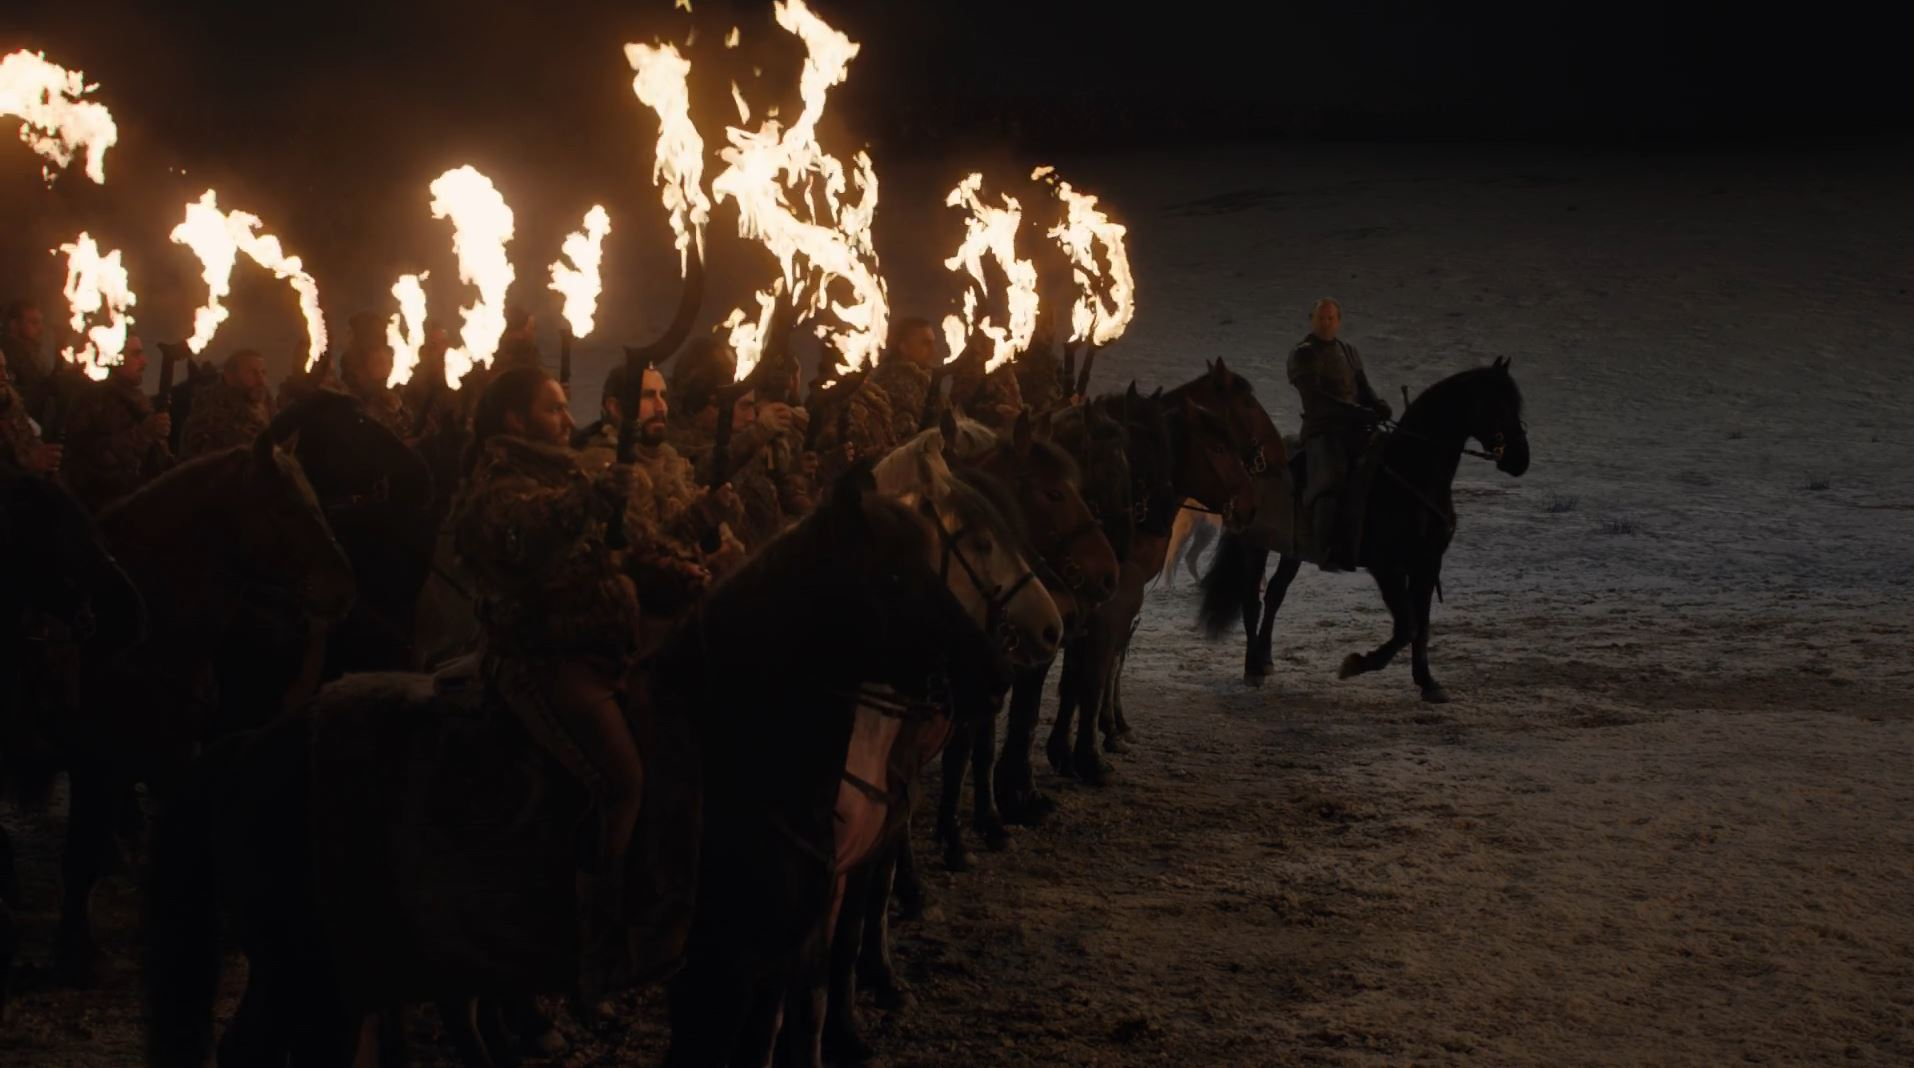 Game of Thrones: La Battaglia di Winterfell troppo scura? Non secondo il direttore della fotografia thumbnail